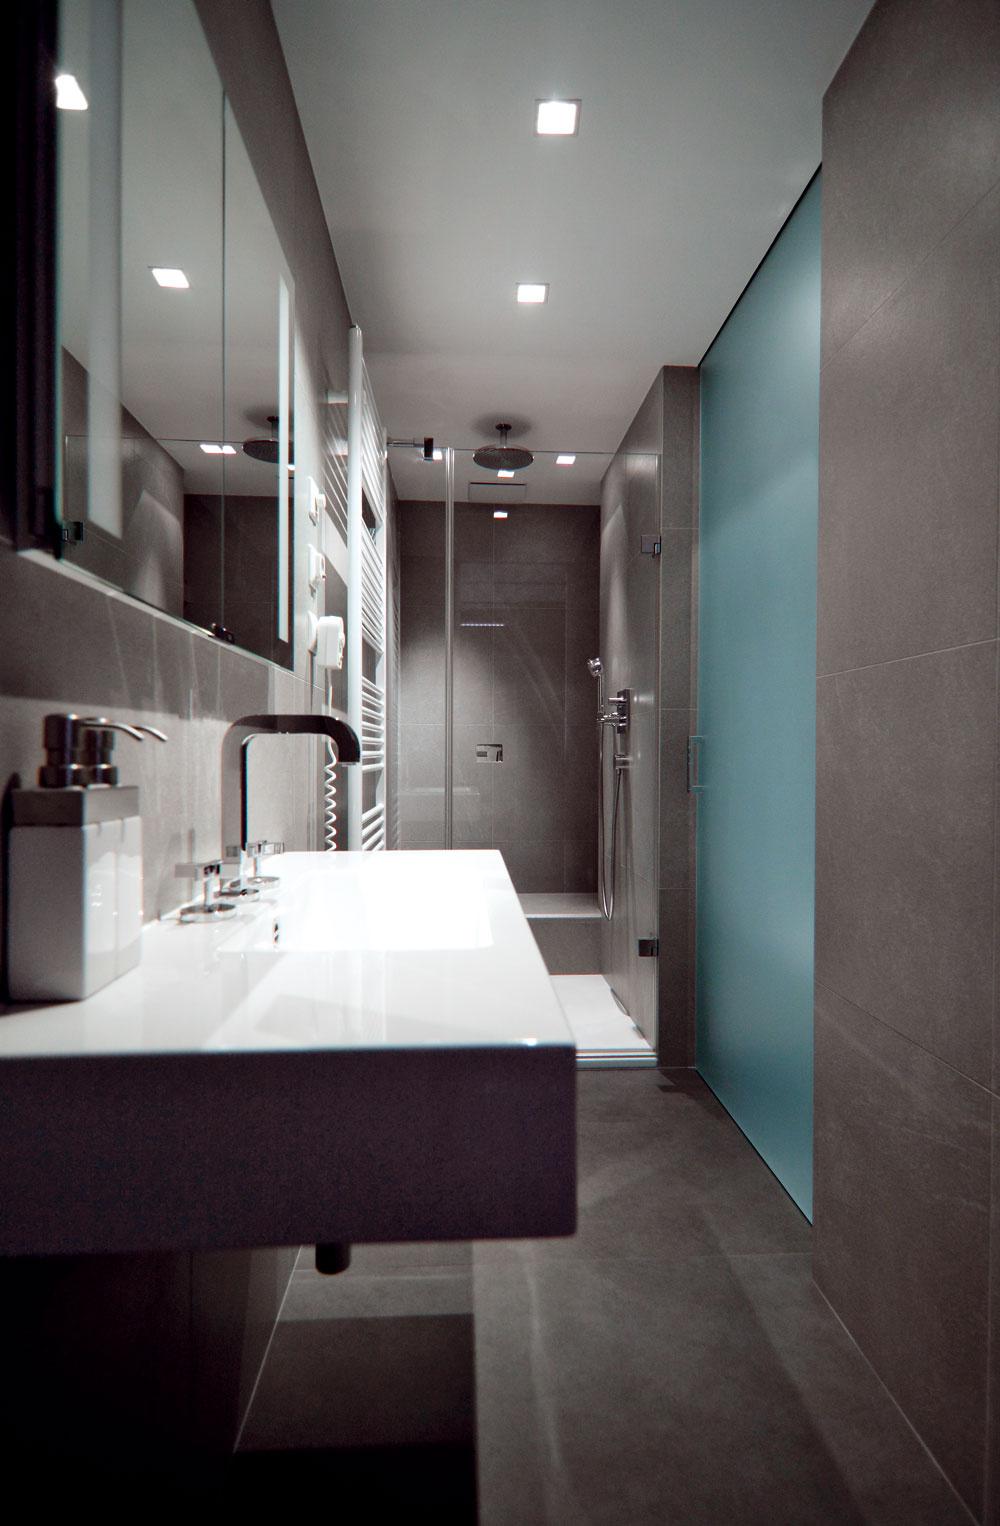 Kúpeľňa je úzka, preto bolo potrebné jej zariadenie riadne premyslieť. Toaleta na pravej strane je oddelená dverami zmliečneho skla, čo však zpraktického hľadiska nie je potrebné, keďže pripojenie na ventilátor zabezpečuje odsávanie pachov priamo zmisy.